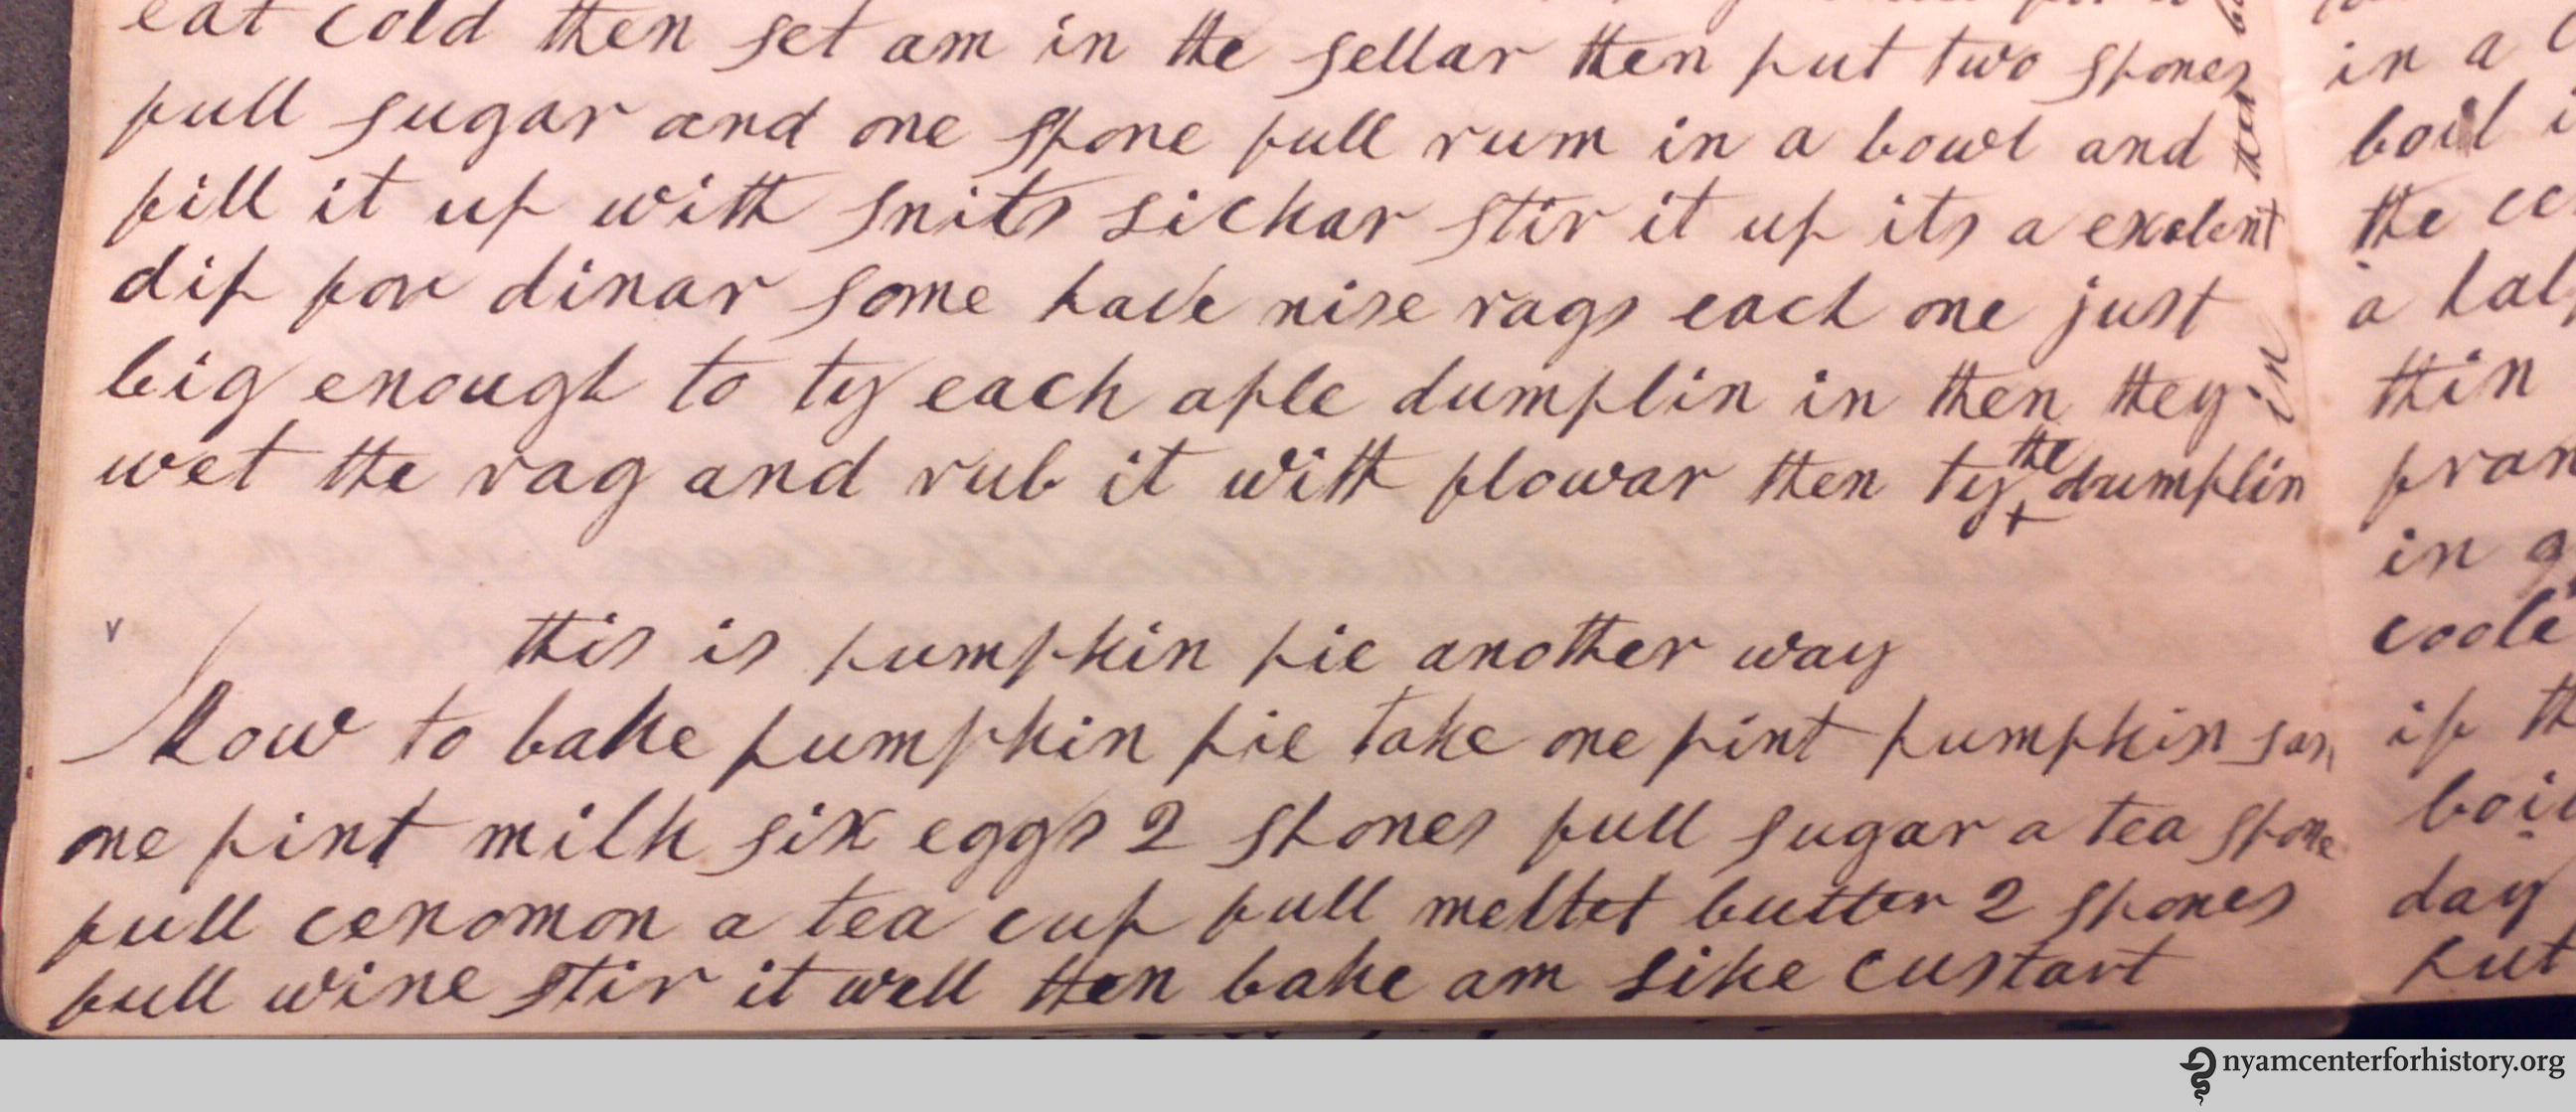 hoffman_manuscriptcookbook_c1835-70_pumpkinpie_watermark